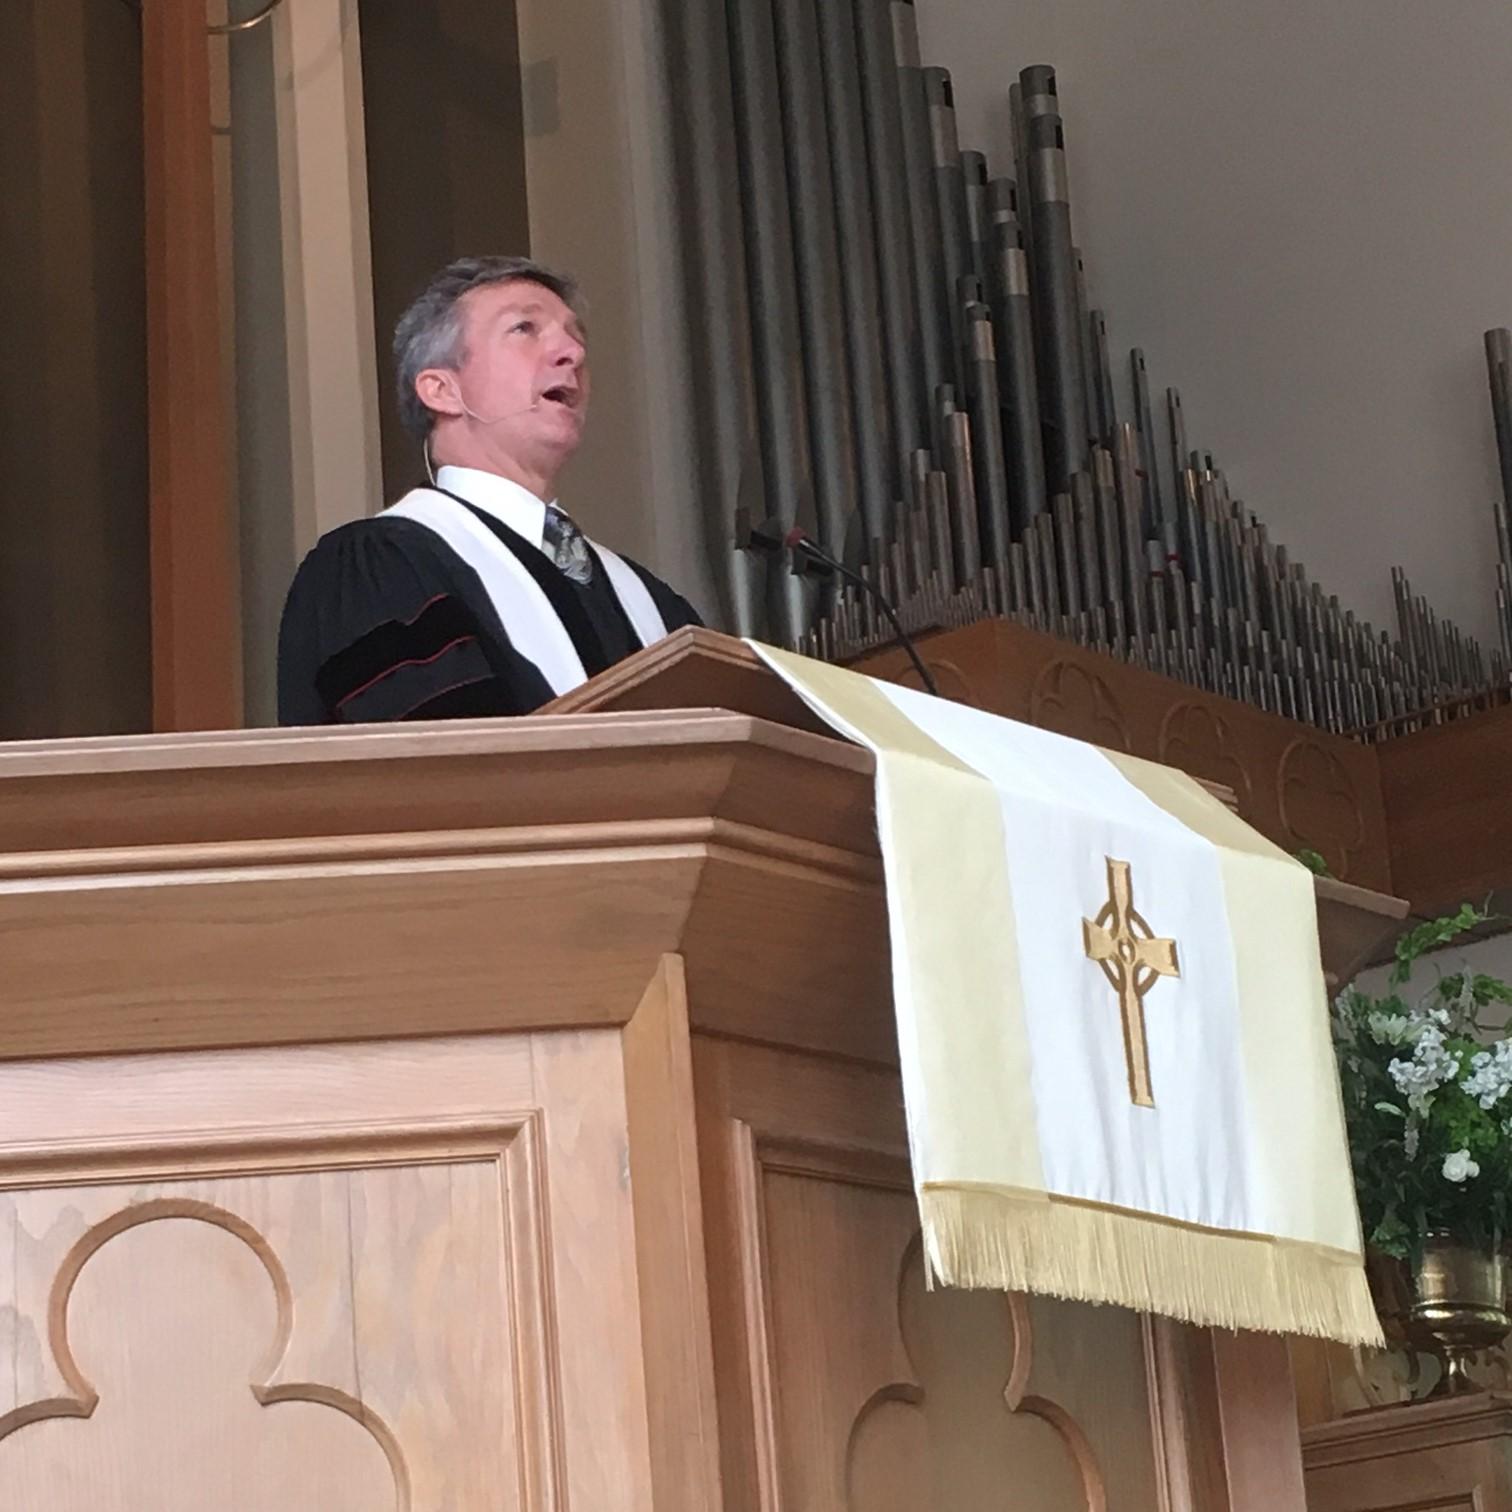 Decatur Presbyterian Church Simeon & Anna - Decatur Presbyterian Church